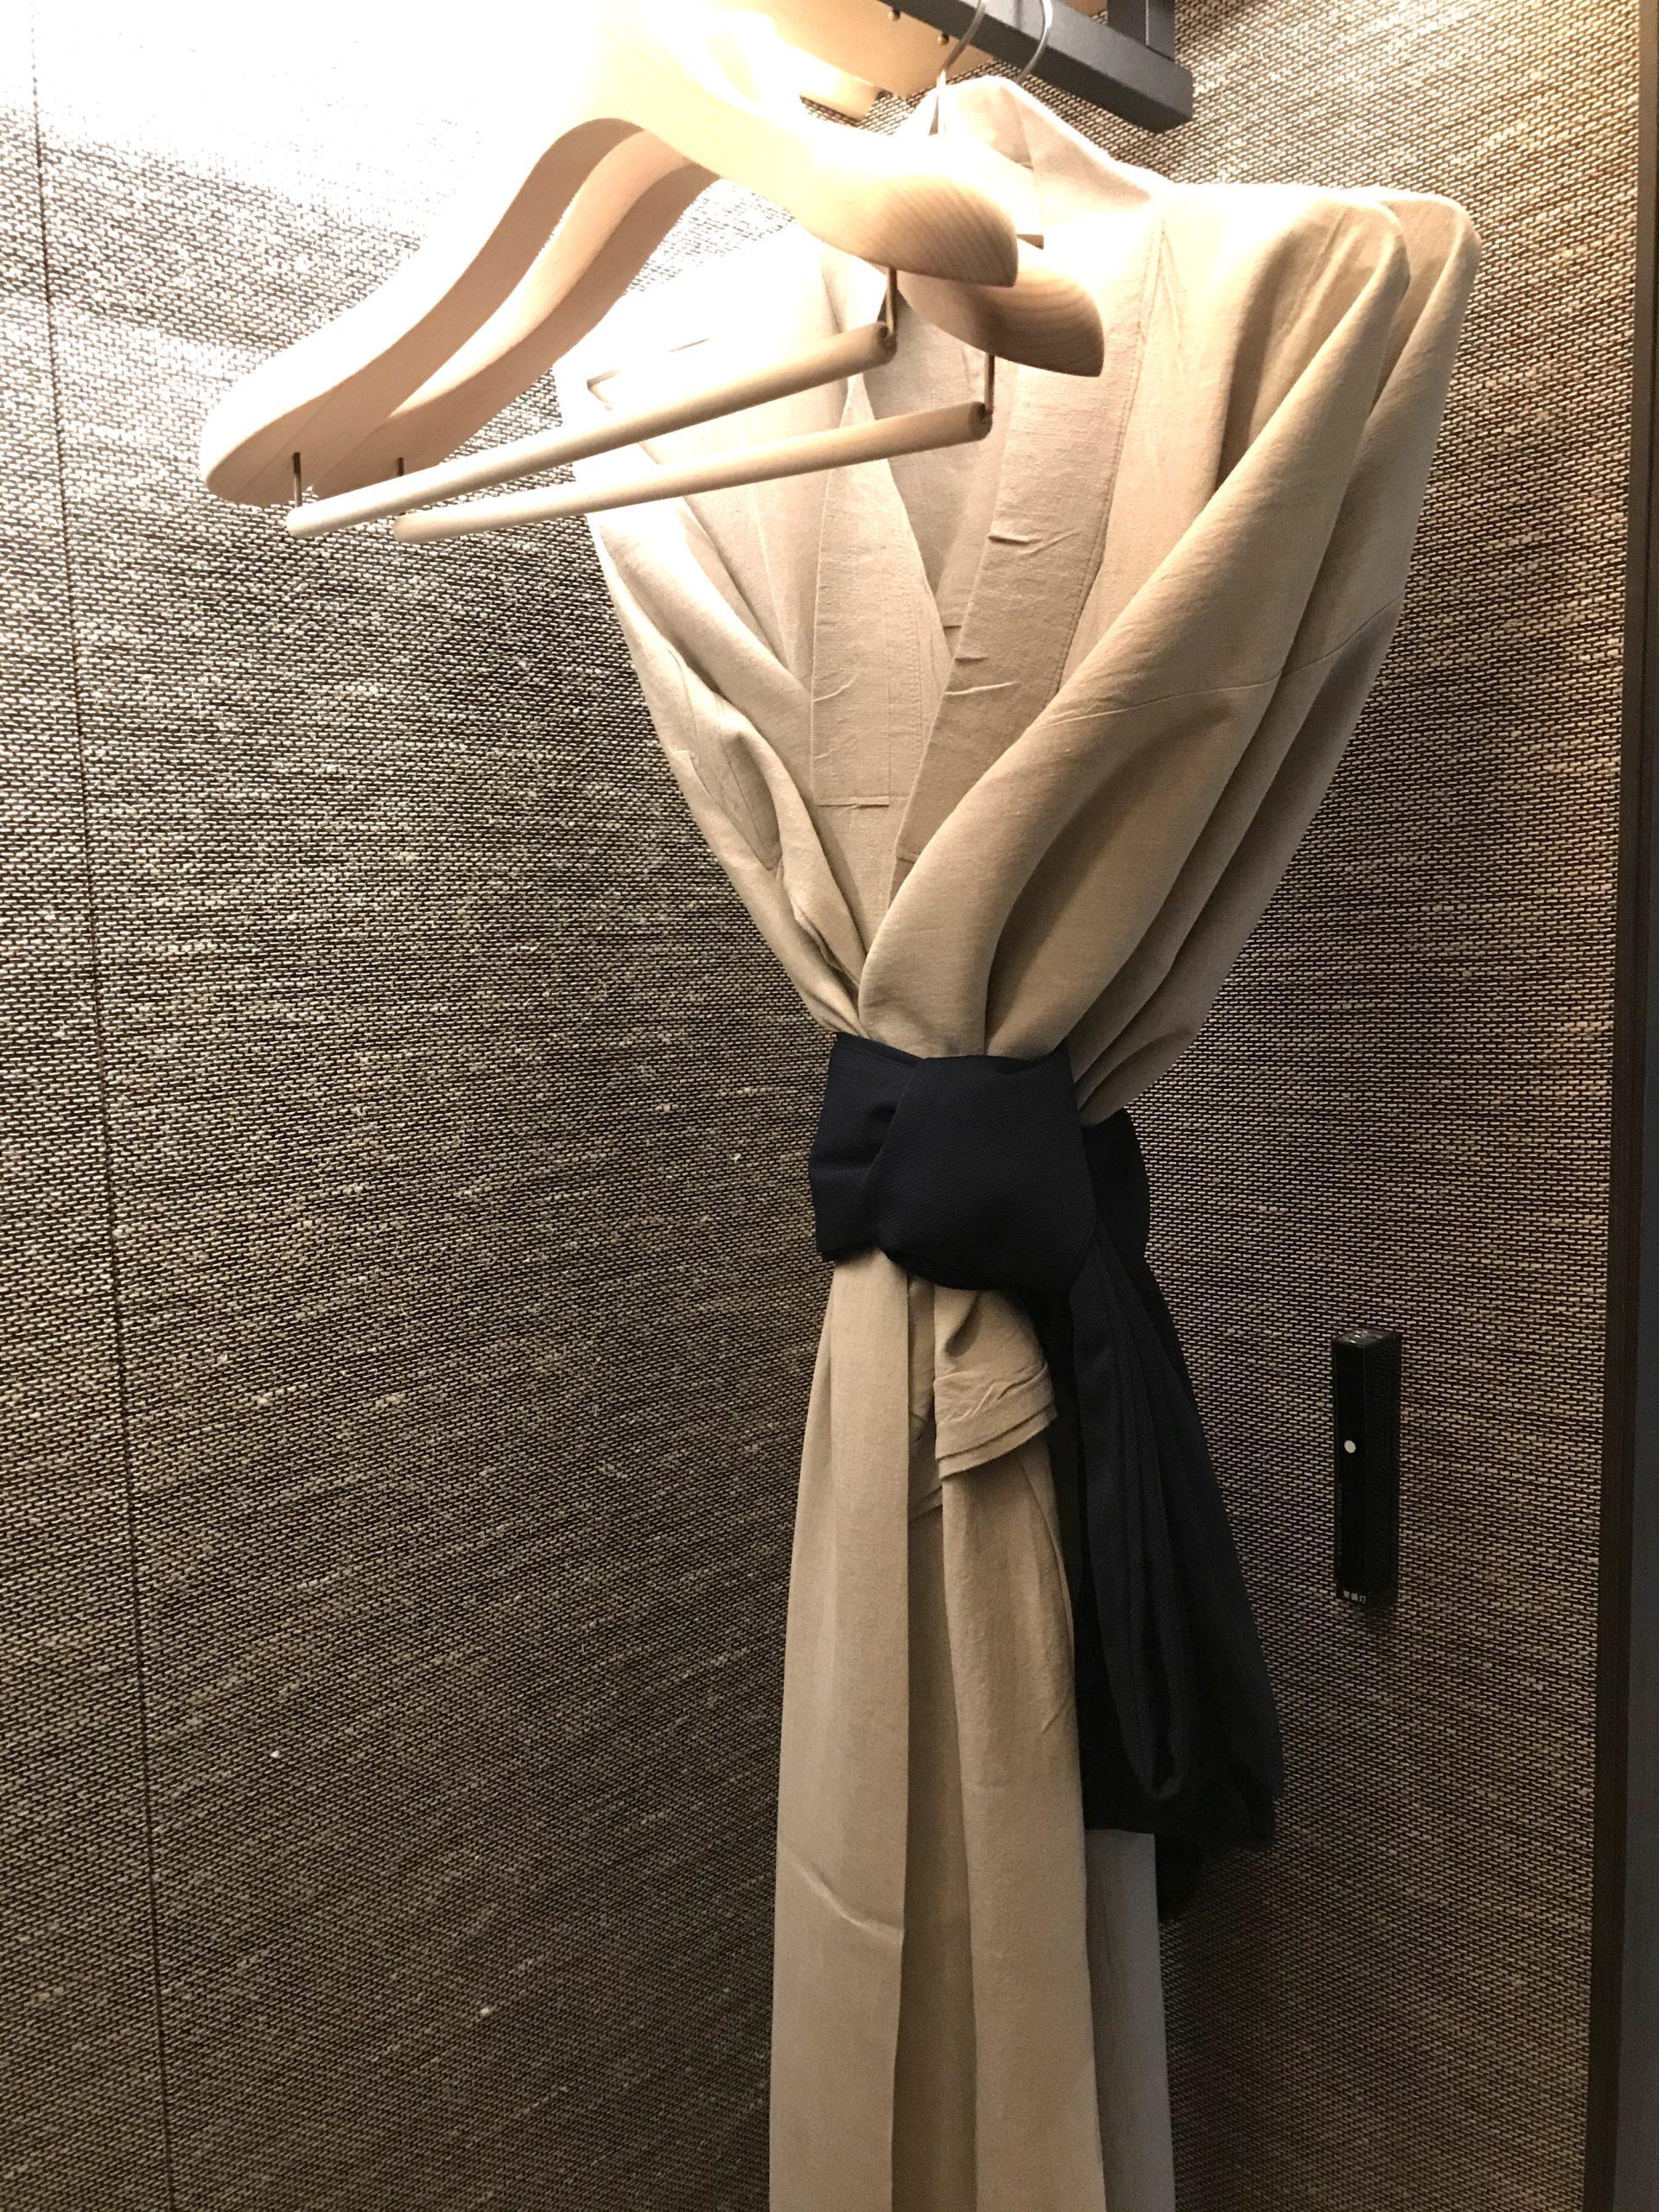 ザ・リッツ・カールトン日光浴衣の写真